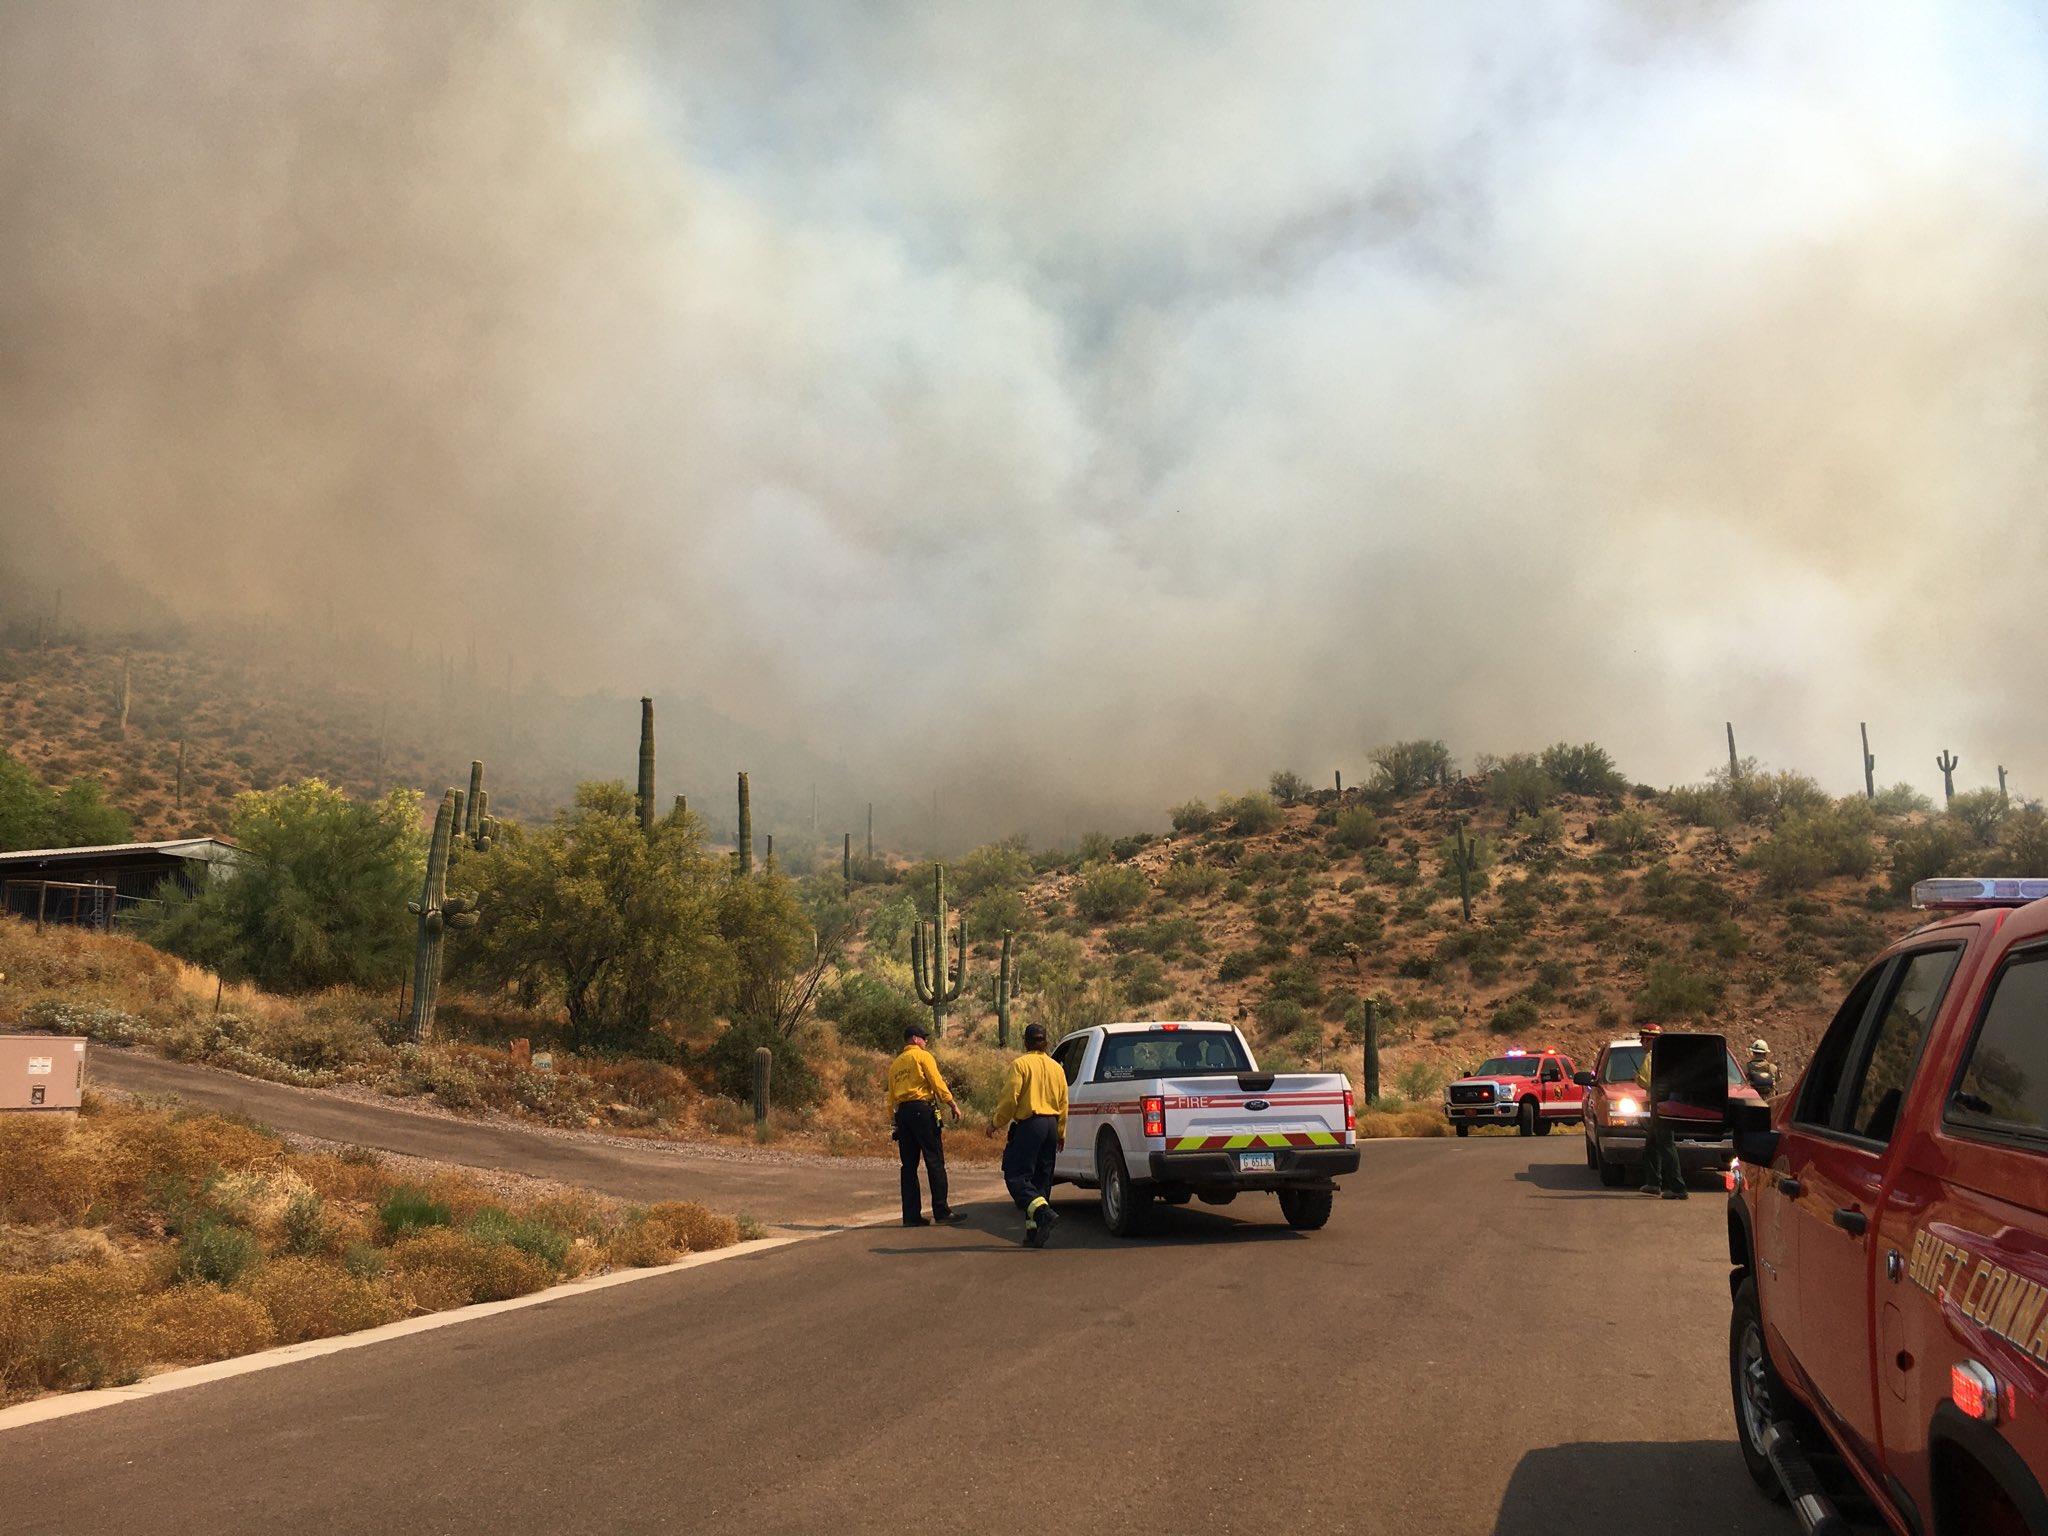 Μεγάλη πυρκαγιά στην Αριζόνα των ΗΠΑ